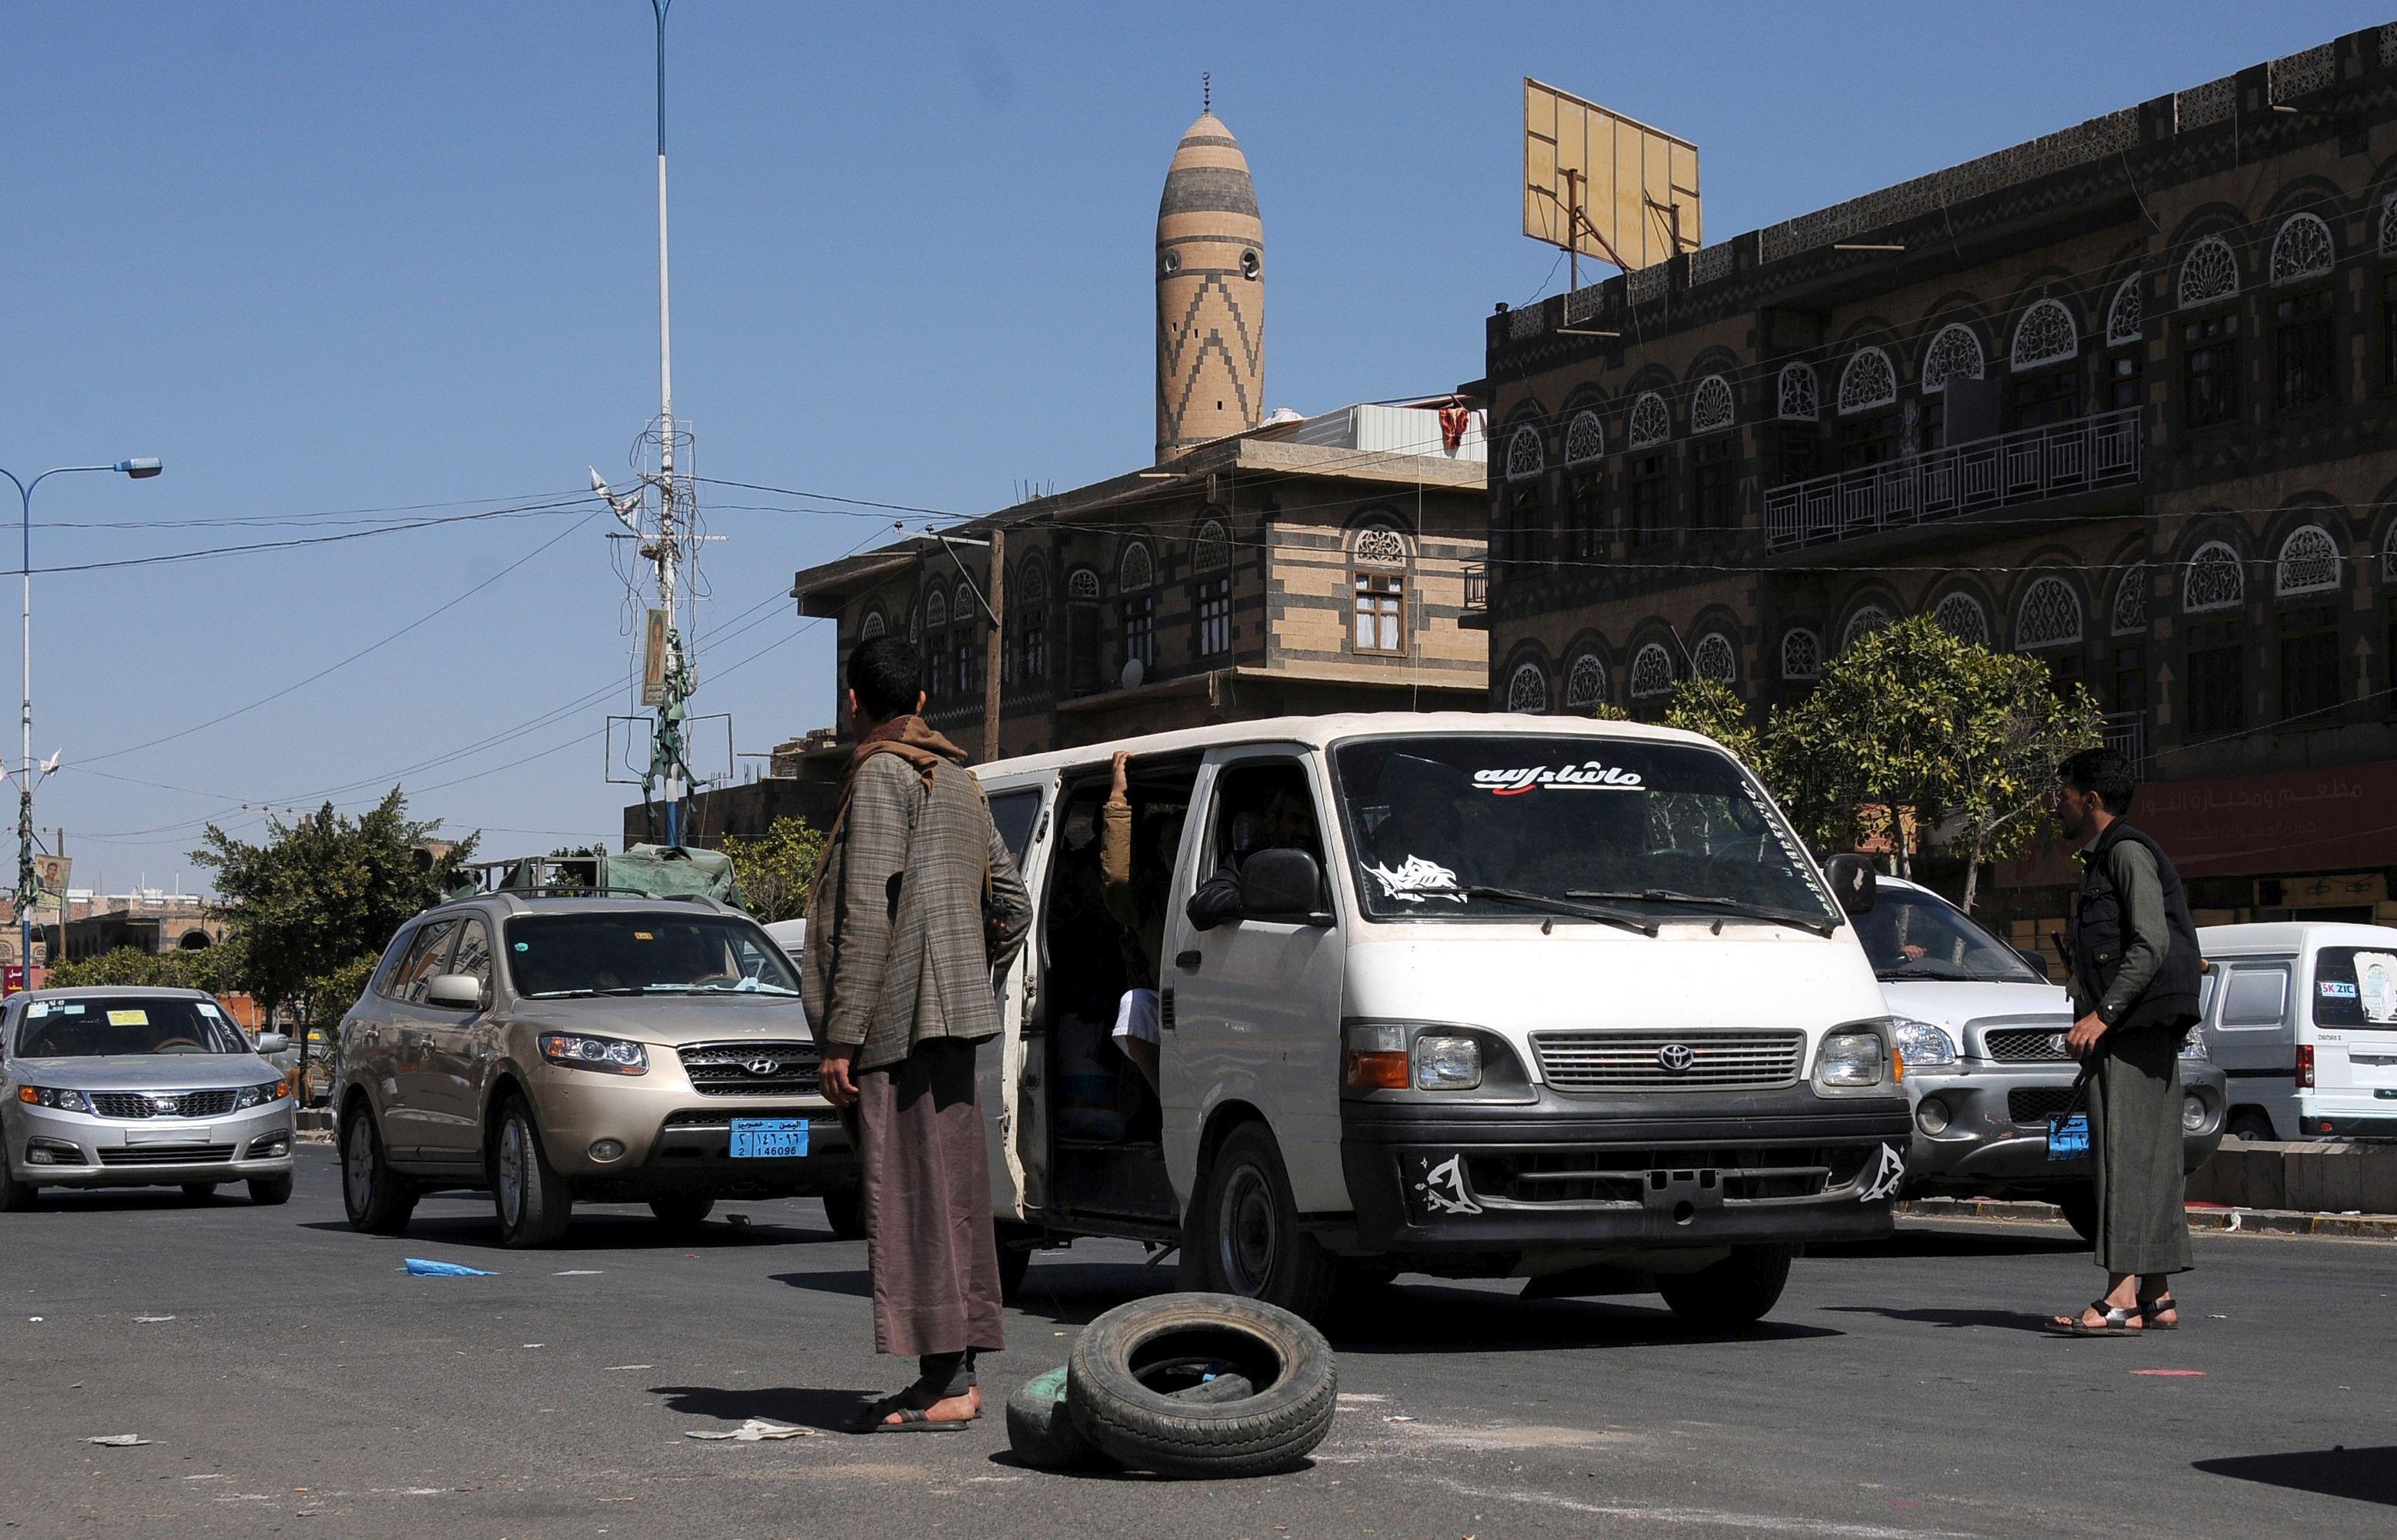 Ali Abdullah Saleh, fostul preşedinte al Yemenului, a fost omorât, susţin insurgenţii huthi - presă